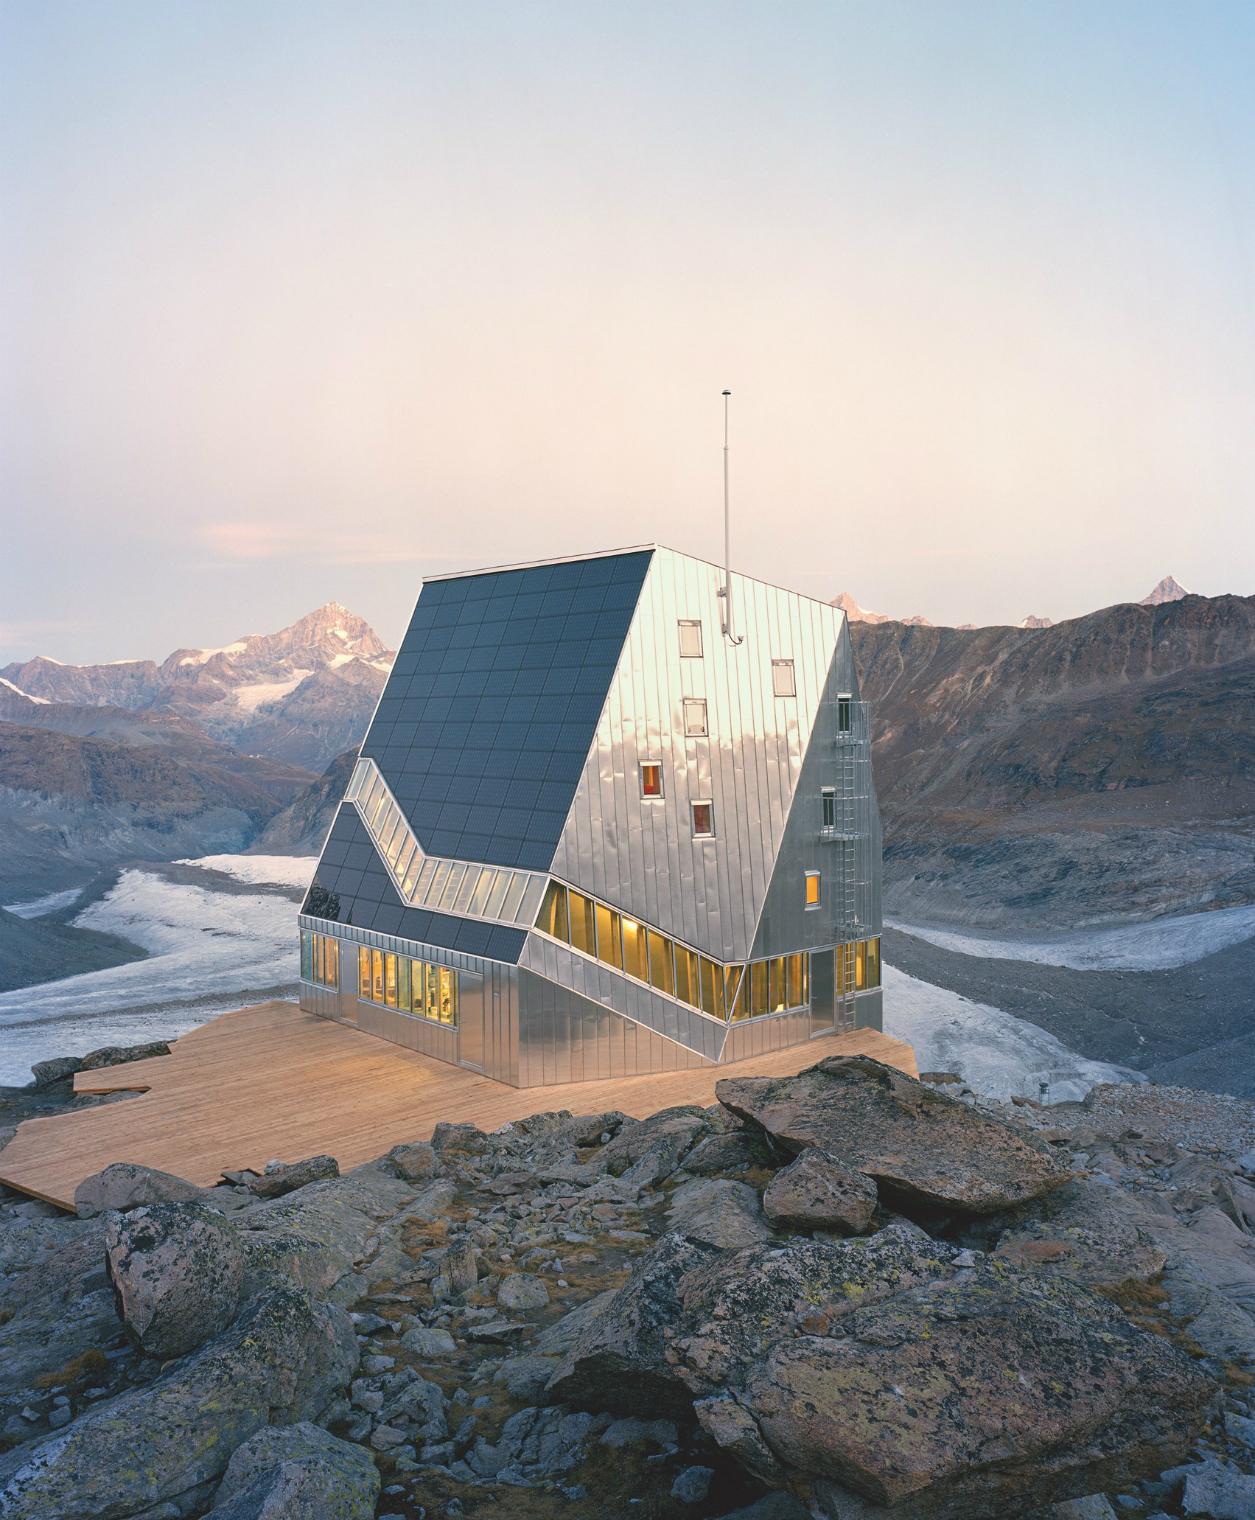 The Sustainable Cabin, by ETH-Studio Monte Rosa. Photo credit ©Tonatiuh Ambrosetti, 2009.